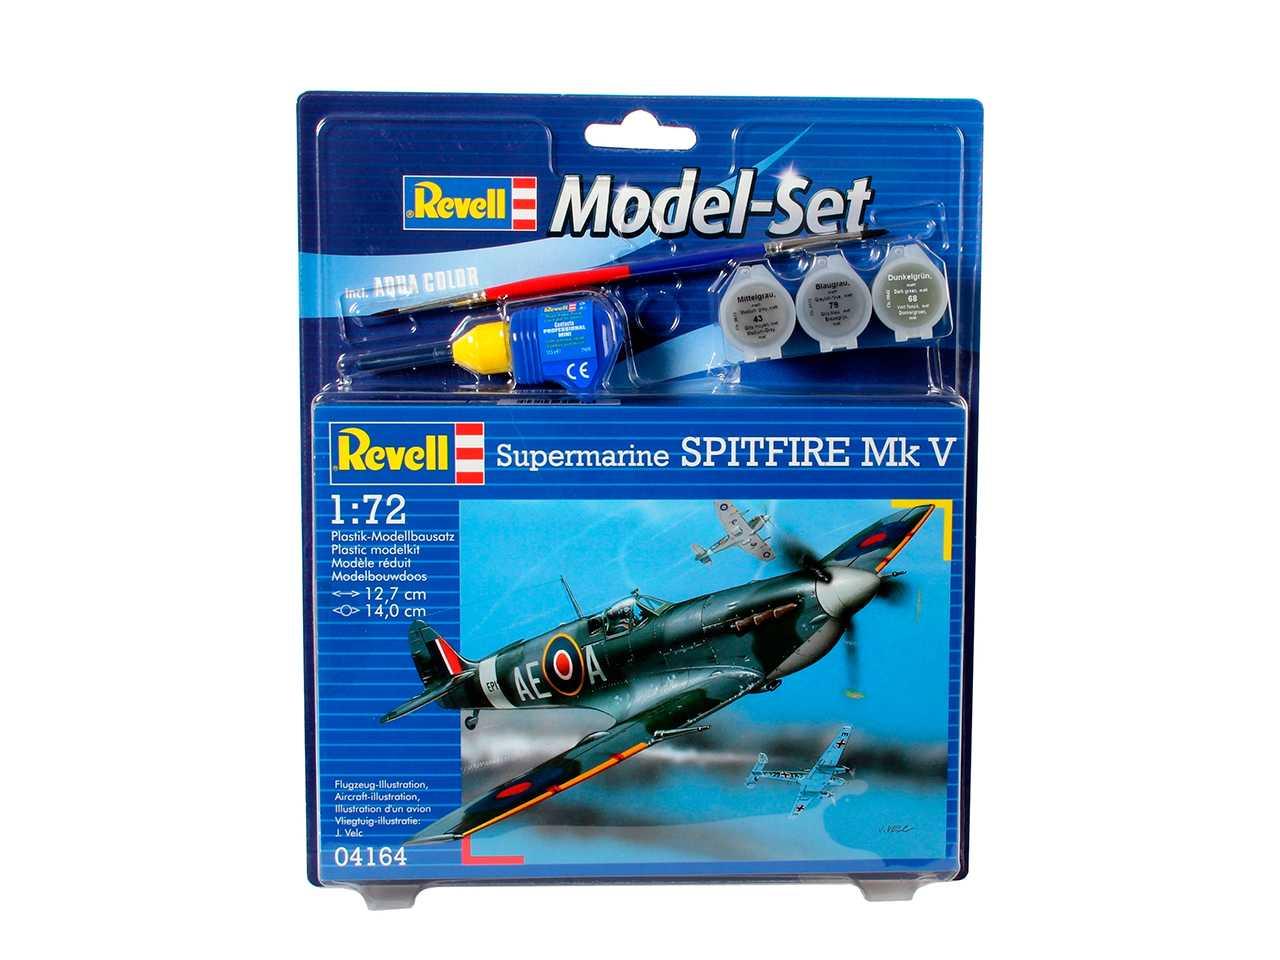 1:72 Supermarine Spitfire Mk.V (Model Set)